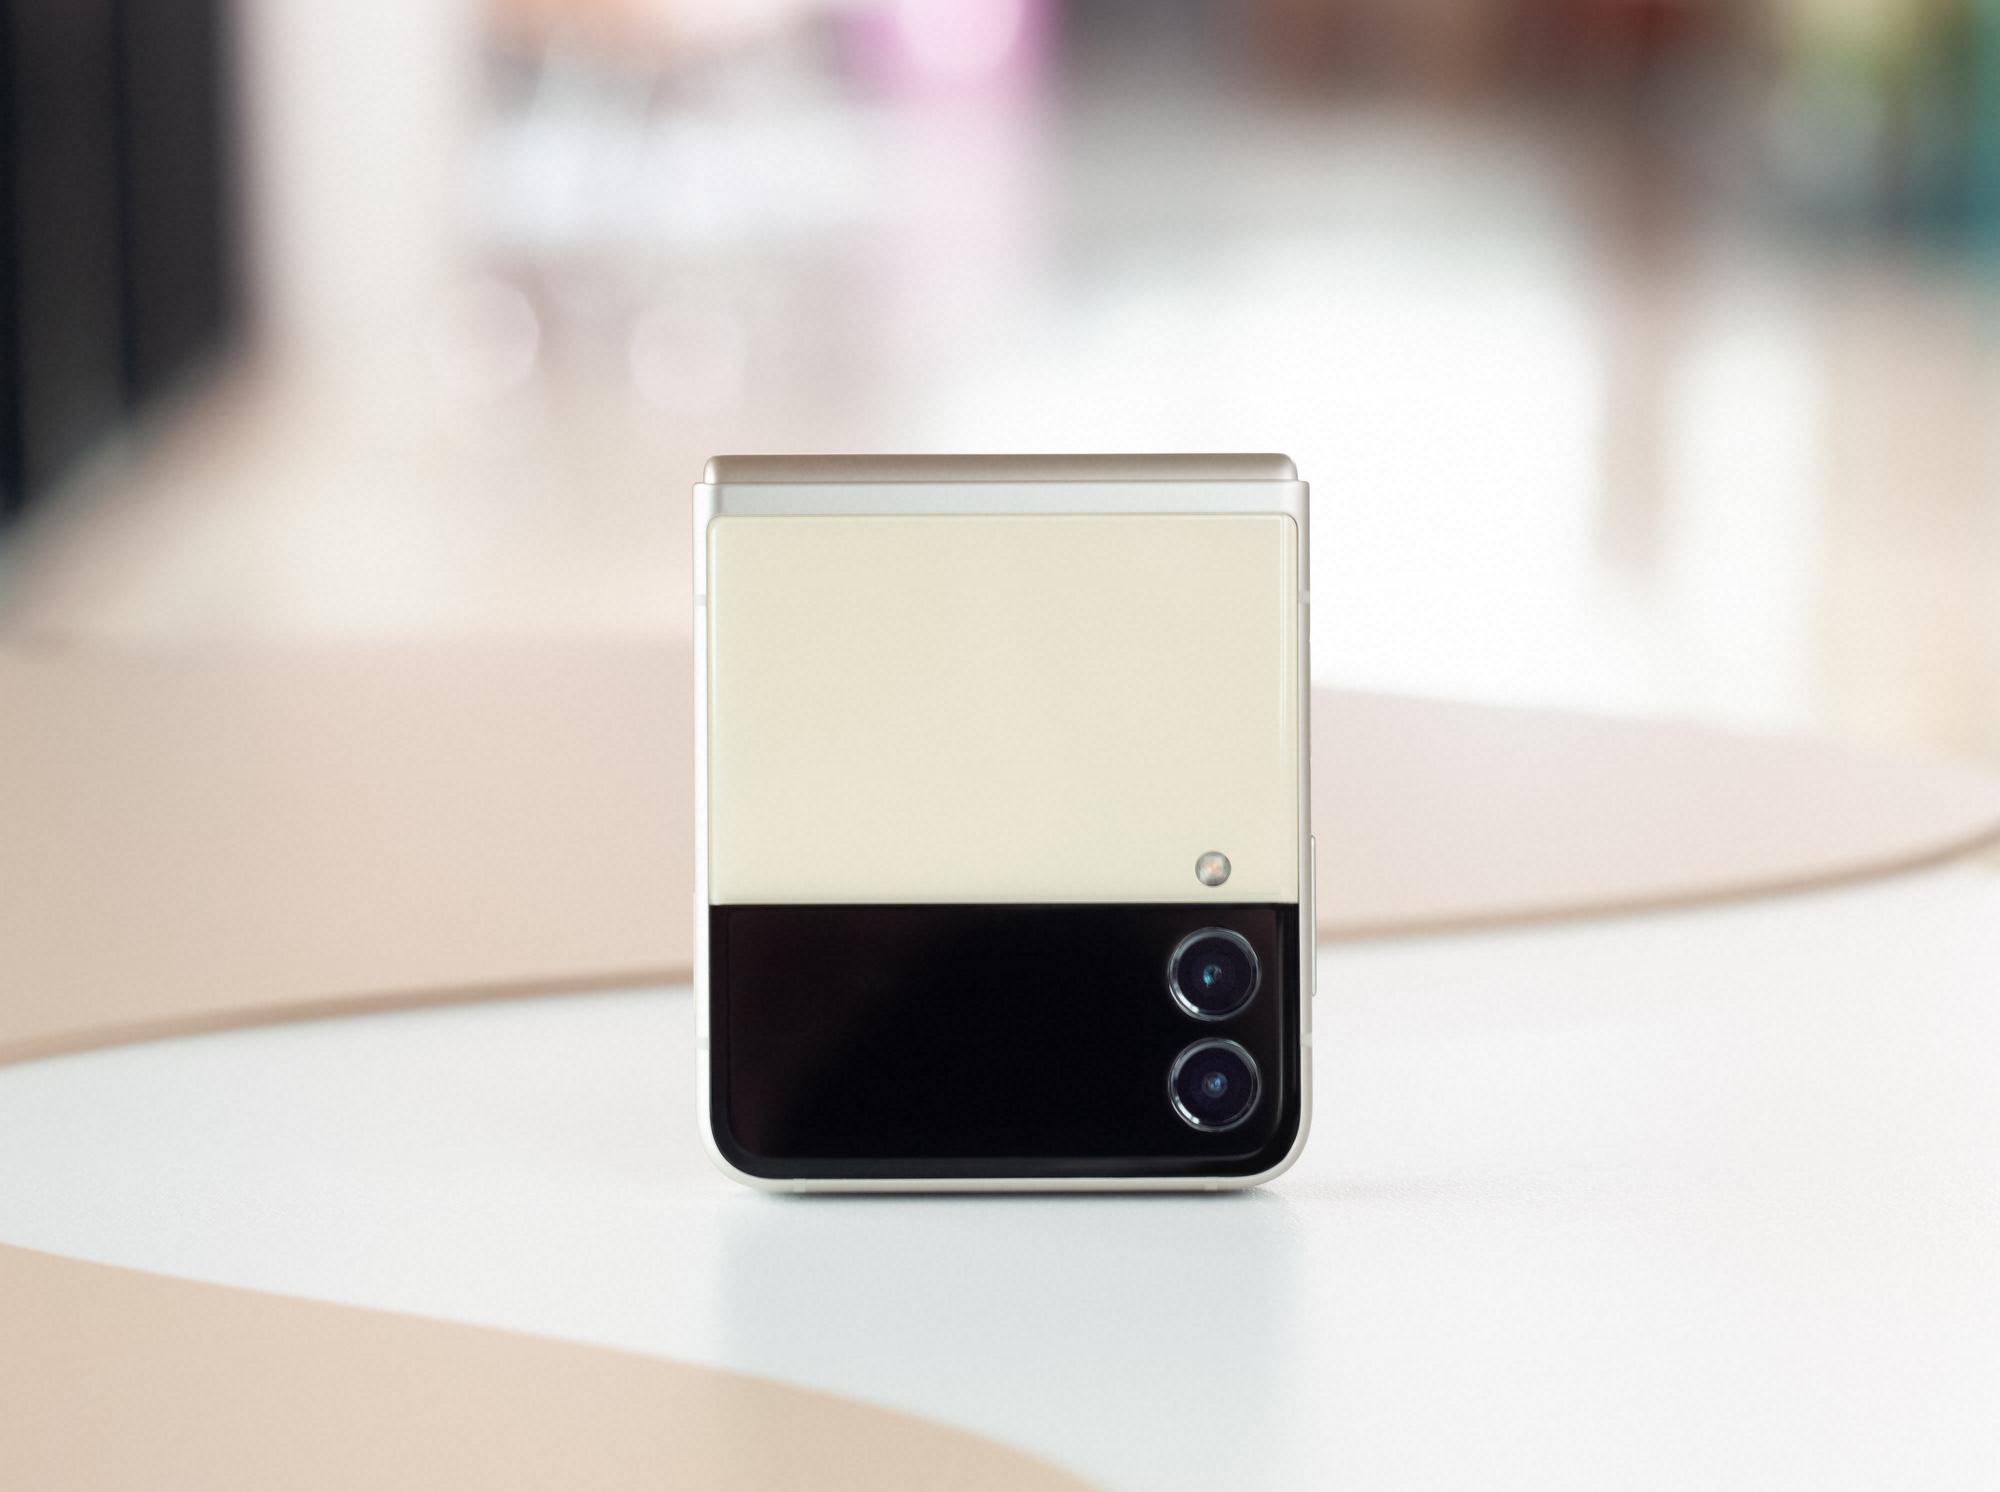 телефон раскладушка с гибким экраном 2021